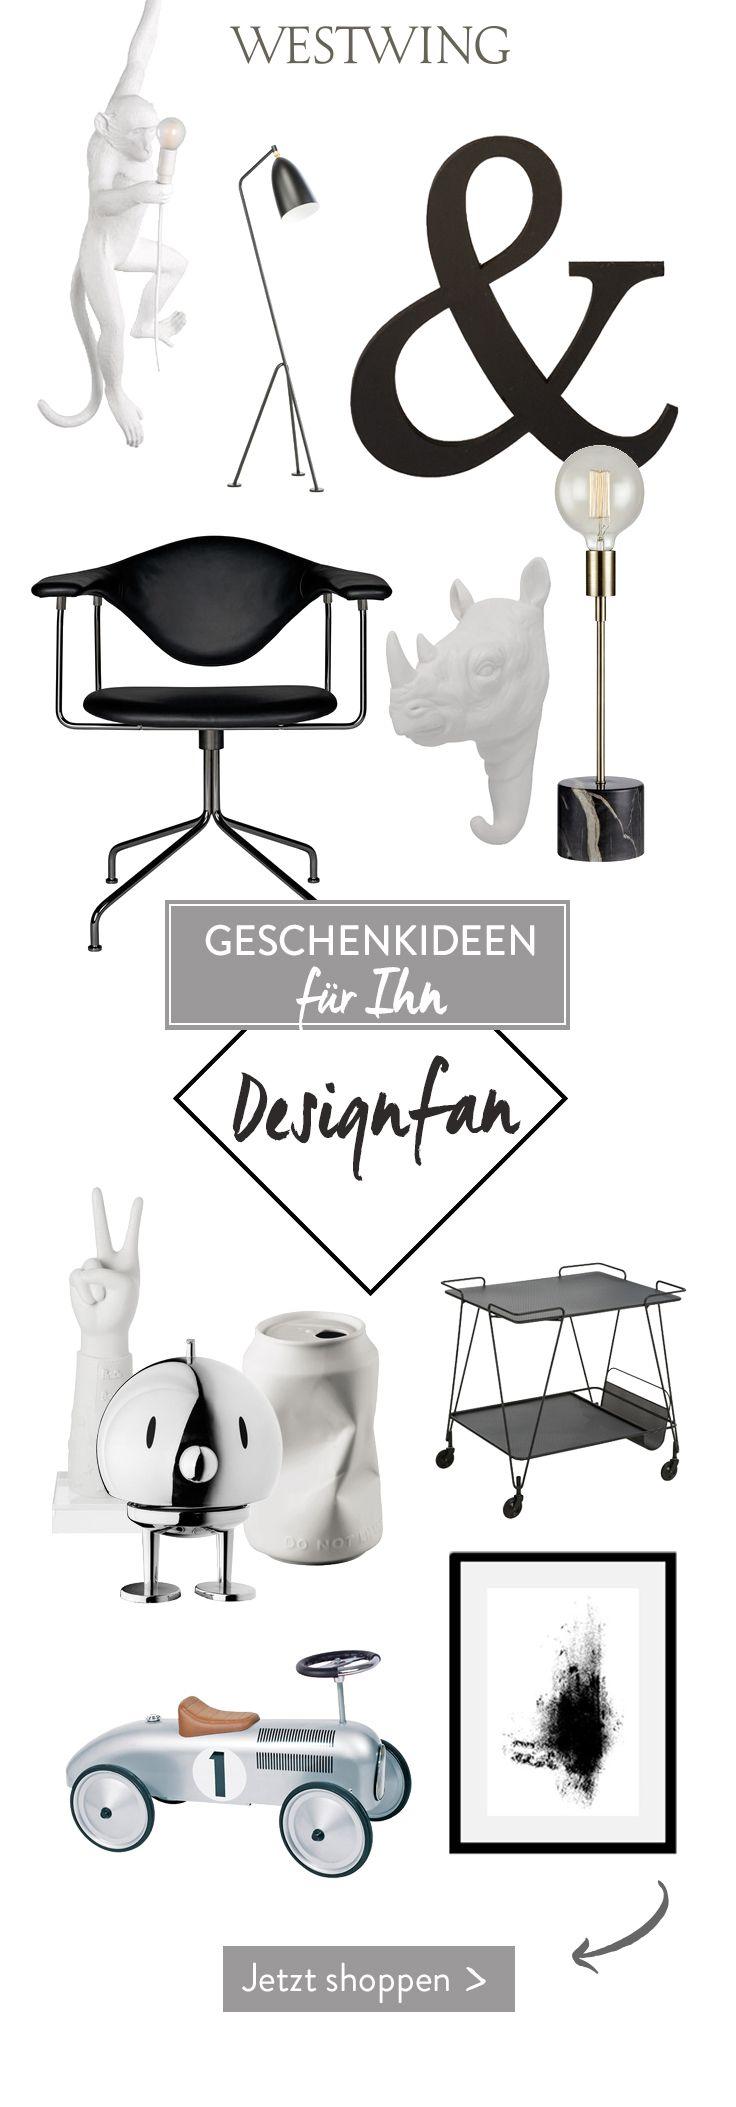 die besten 25 weihnachtsgeschenk f r freund ideen auf pinterest geschenk f r meinen freund. Black Bedroom Furniture Sets. Home Design Ideas